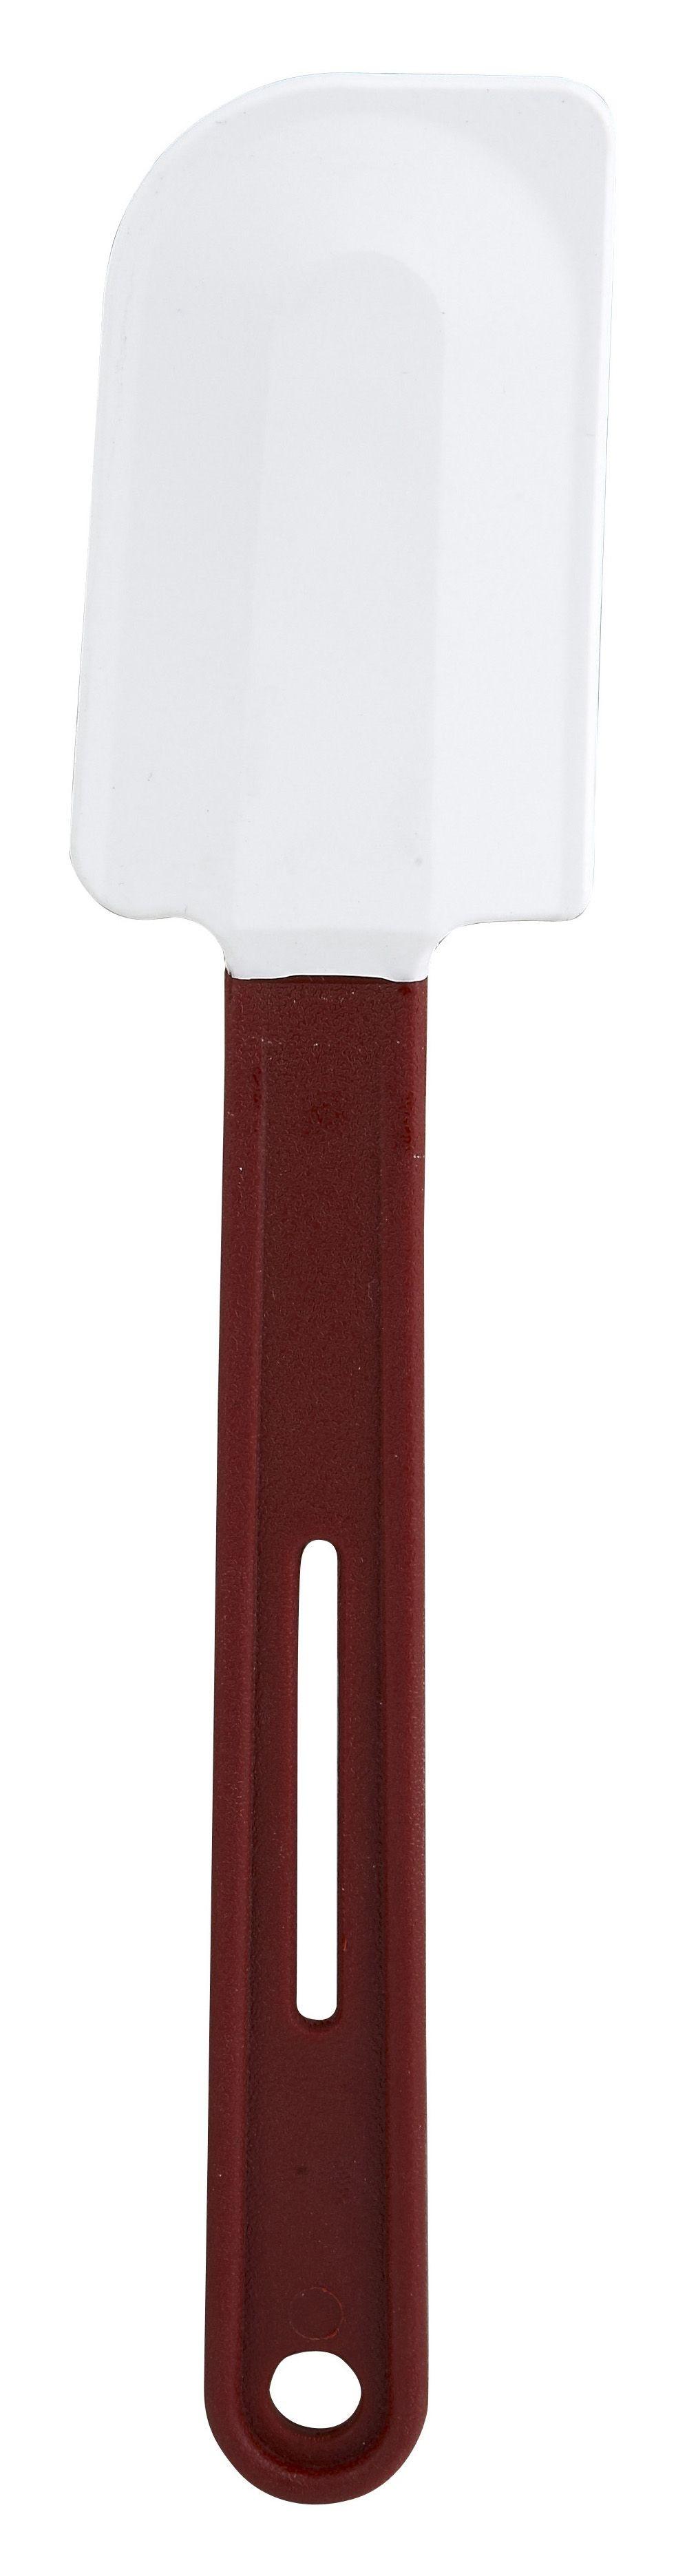 """Winco PSH-10 High Heat Resistant Silicone Scraper 10-1/2"""""""